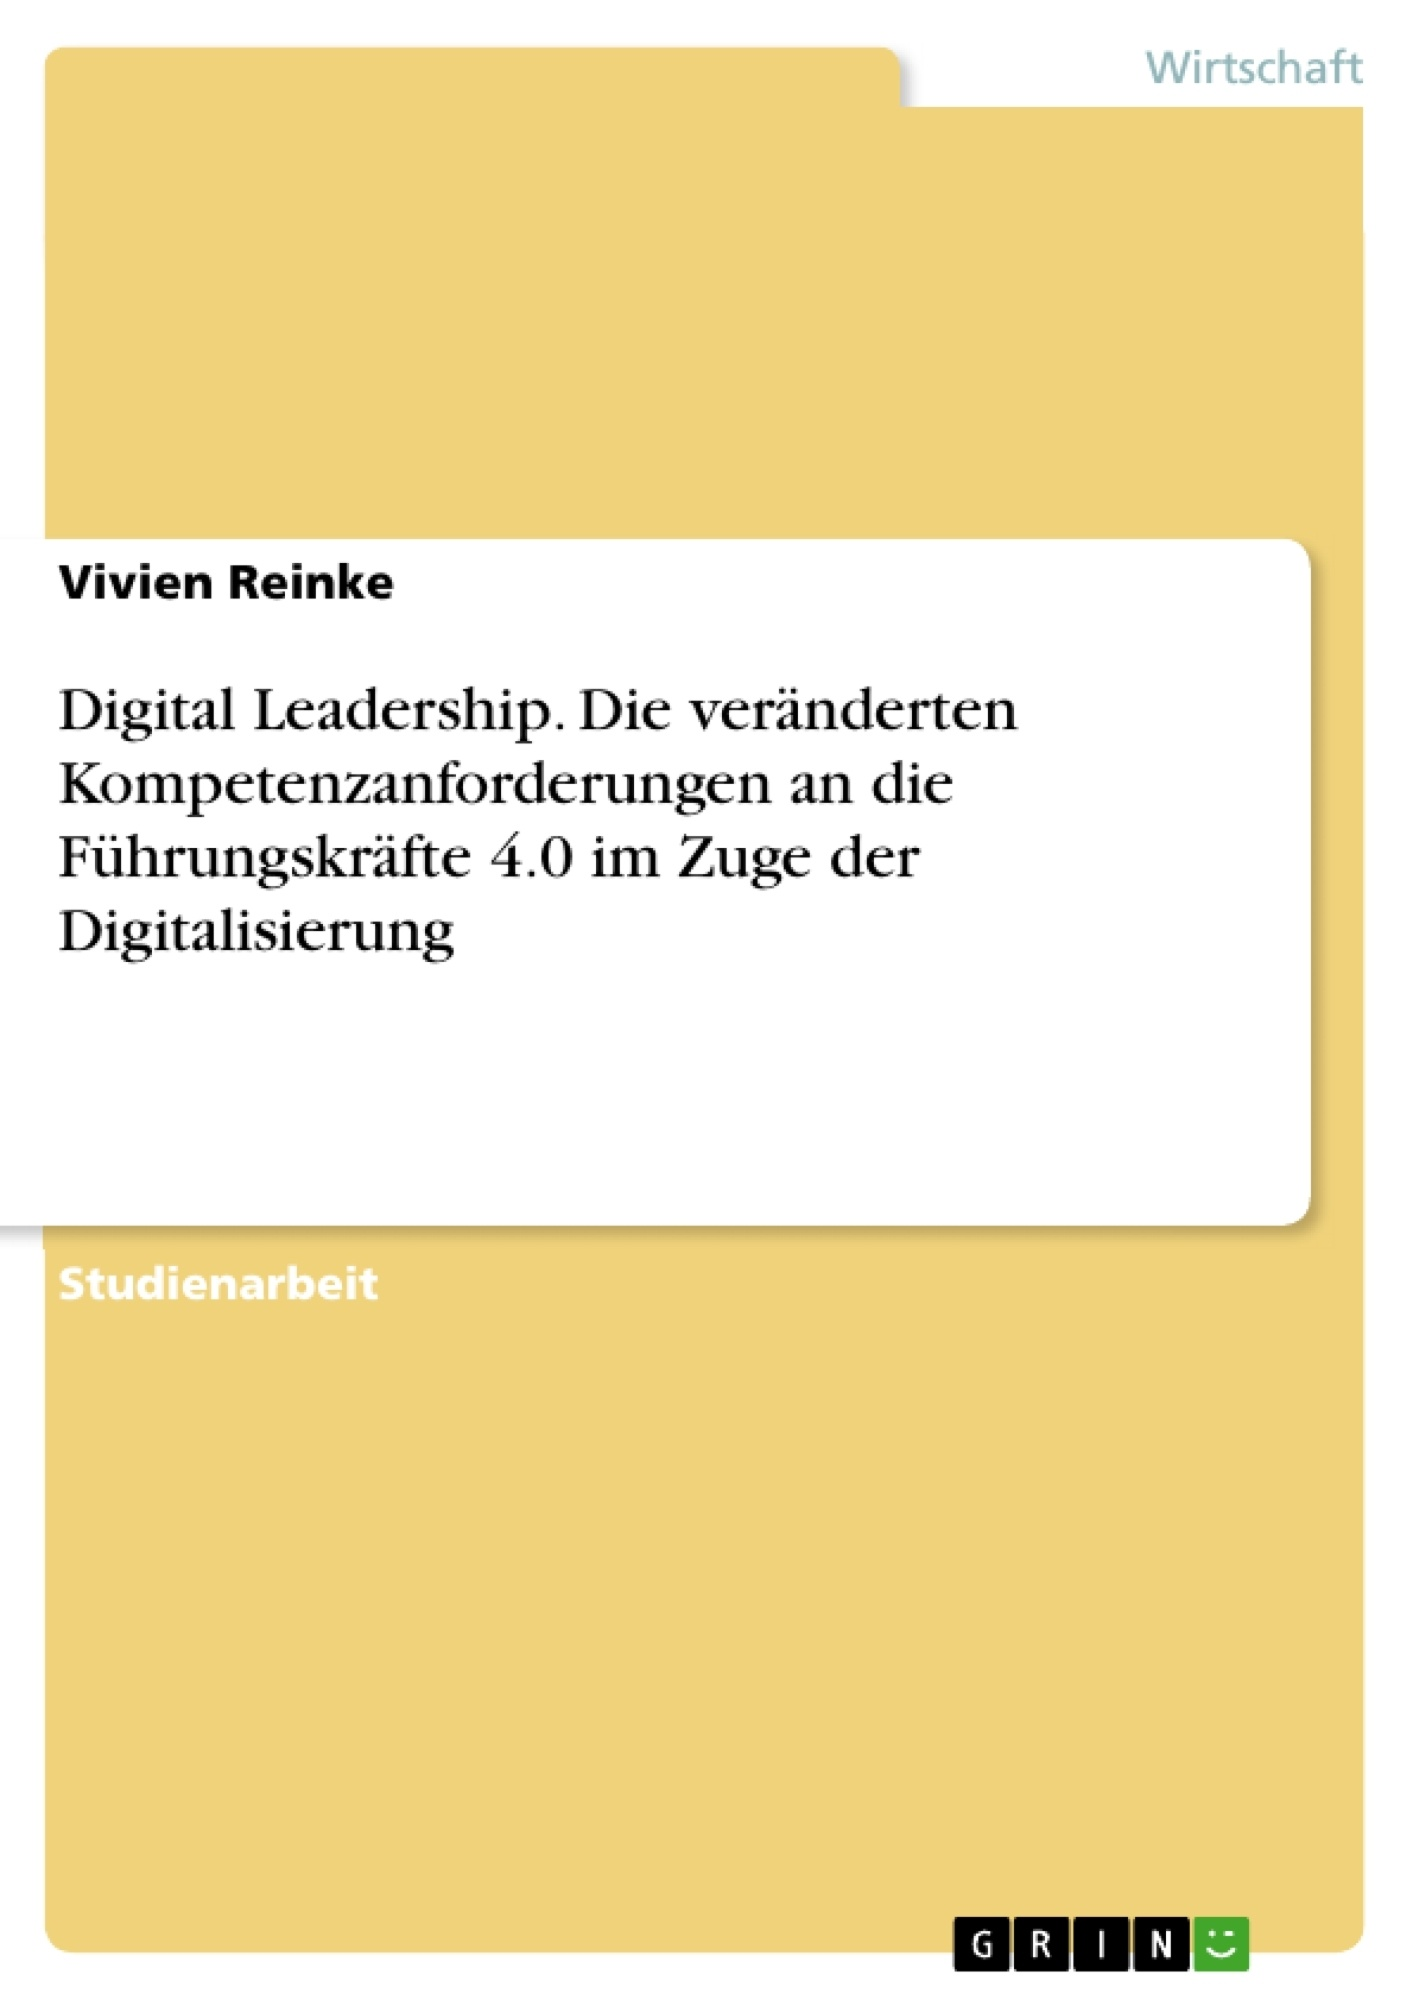 Titel: Digital Leadership. Die veränderten Kompetenzanforderungen an die Führungskräfte 4.0 im Zuge der Digitalisierung